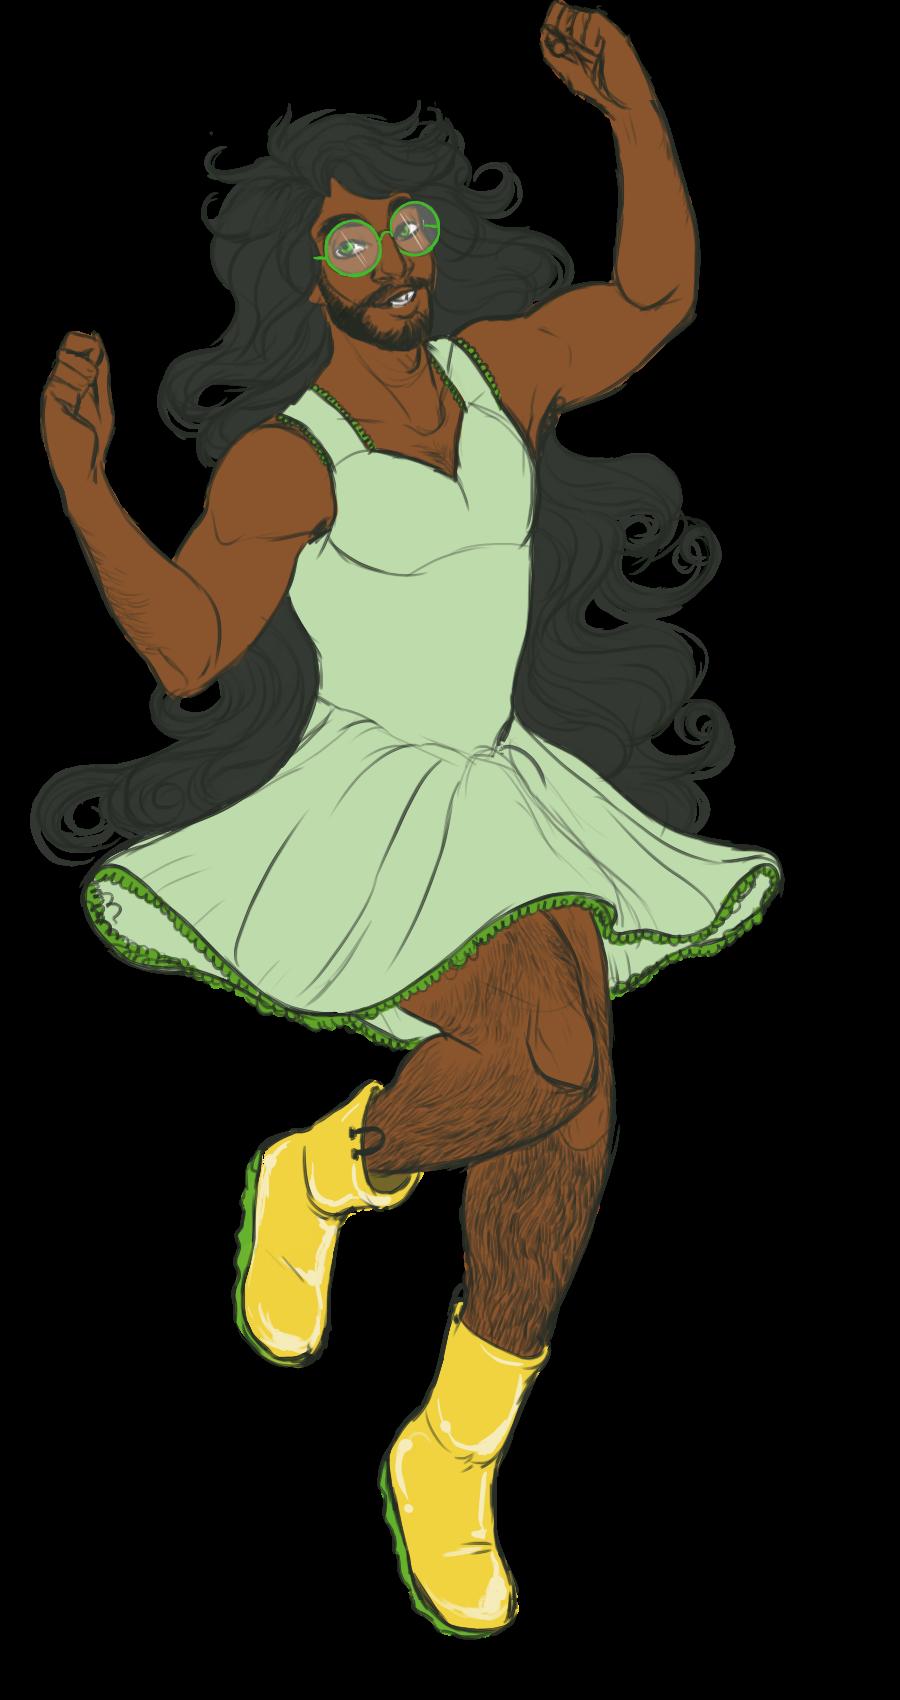 Yelling clipart inferior. Trans girl jade homestuck